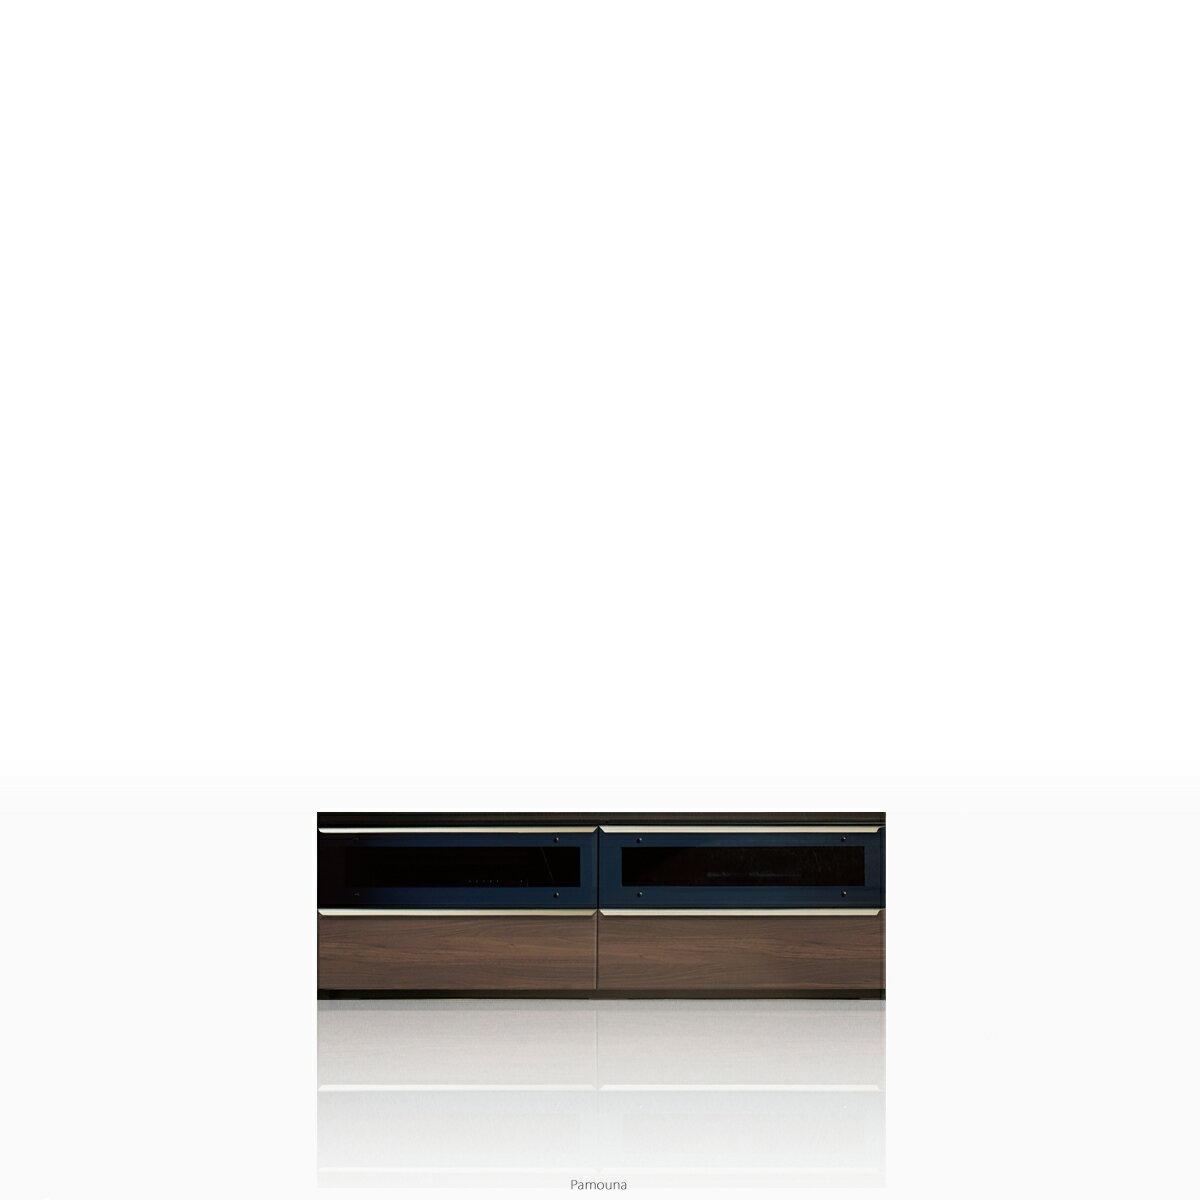 パモウナ テレビ台 VWシリーズ VW-1400 テレビ台/テレビボード ローボード (幅140cm, ウォールナット)【この商品は配送地域限定[本州、四国、九州]】【同梱不可】【店頭受取対応商品】